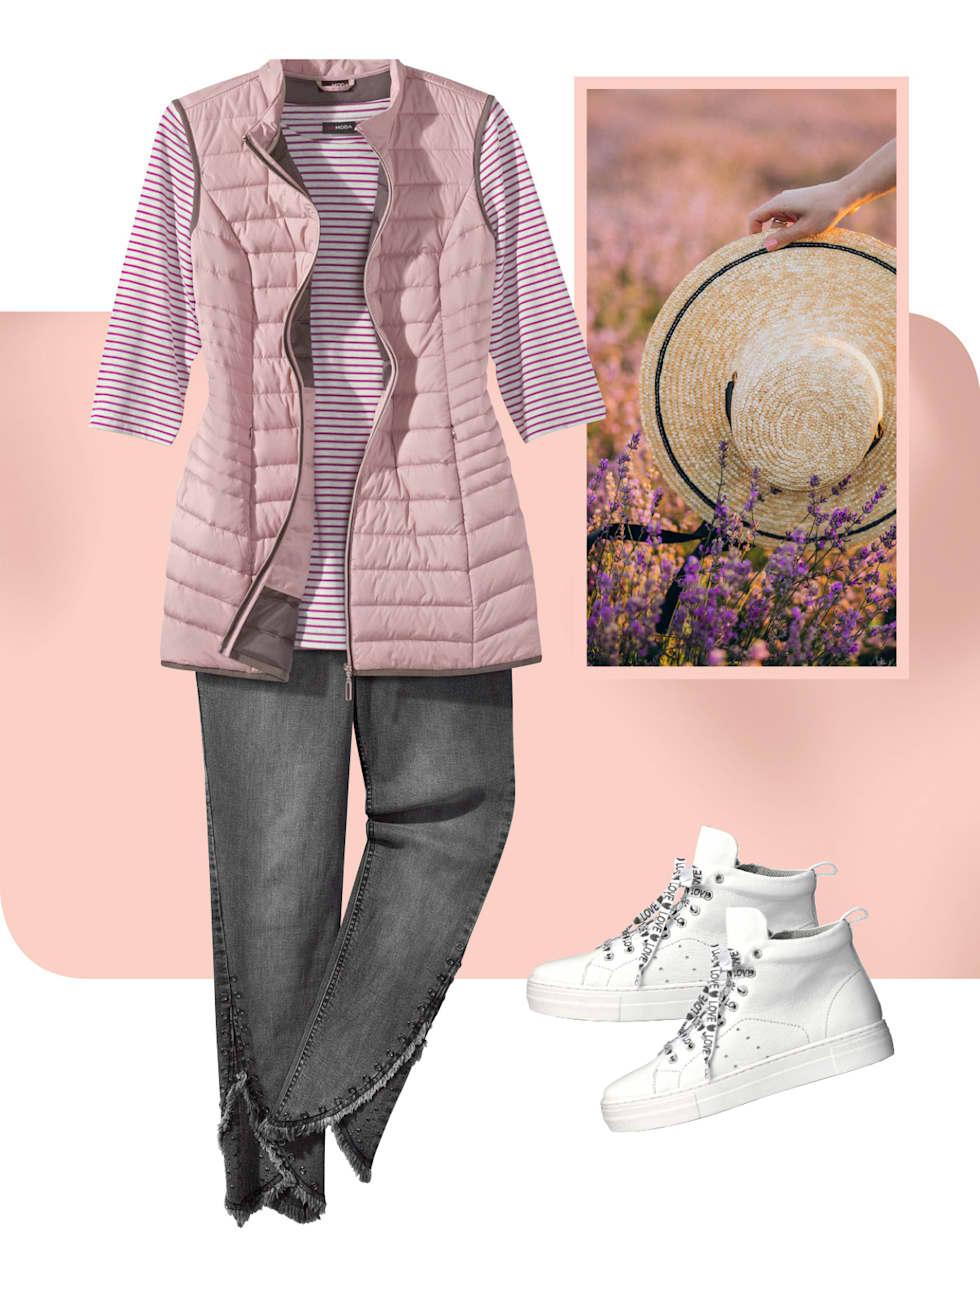 MIAMODA grandes tailles campagne couleurs vives - tenue de couleur violet